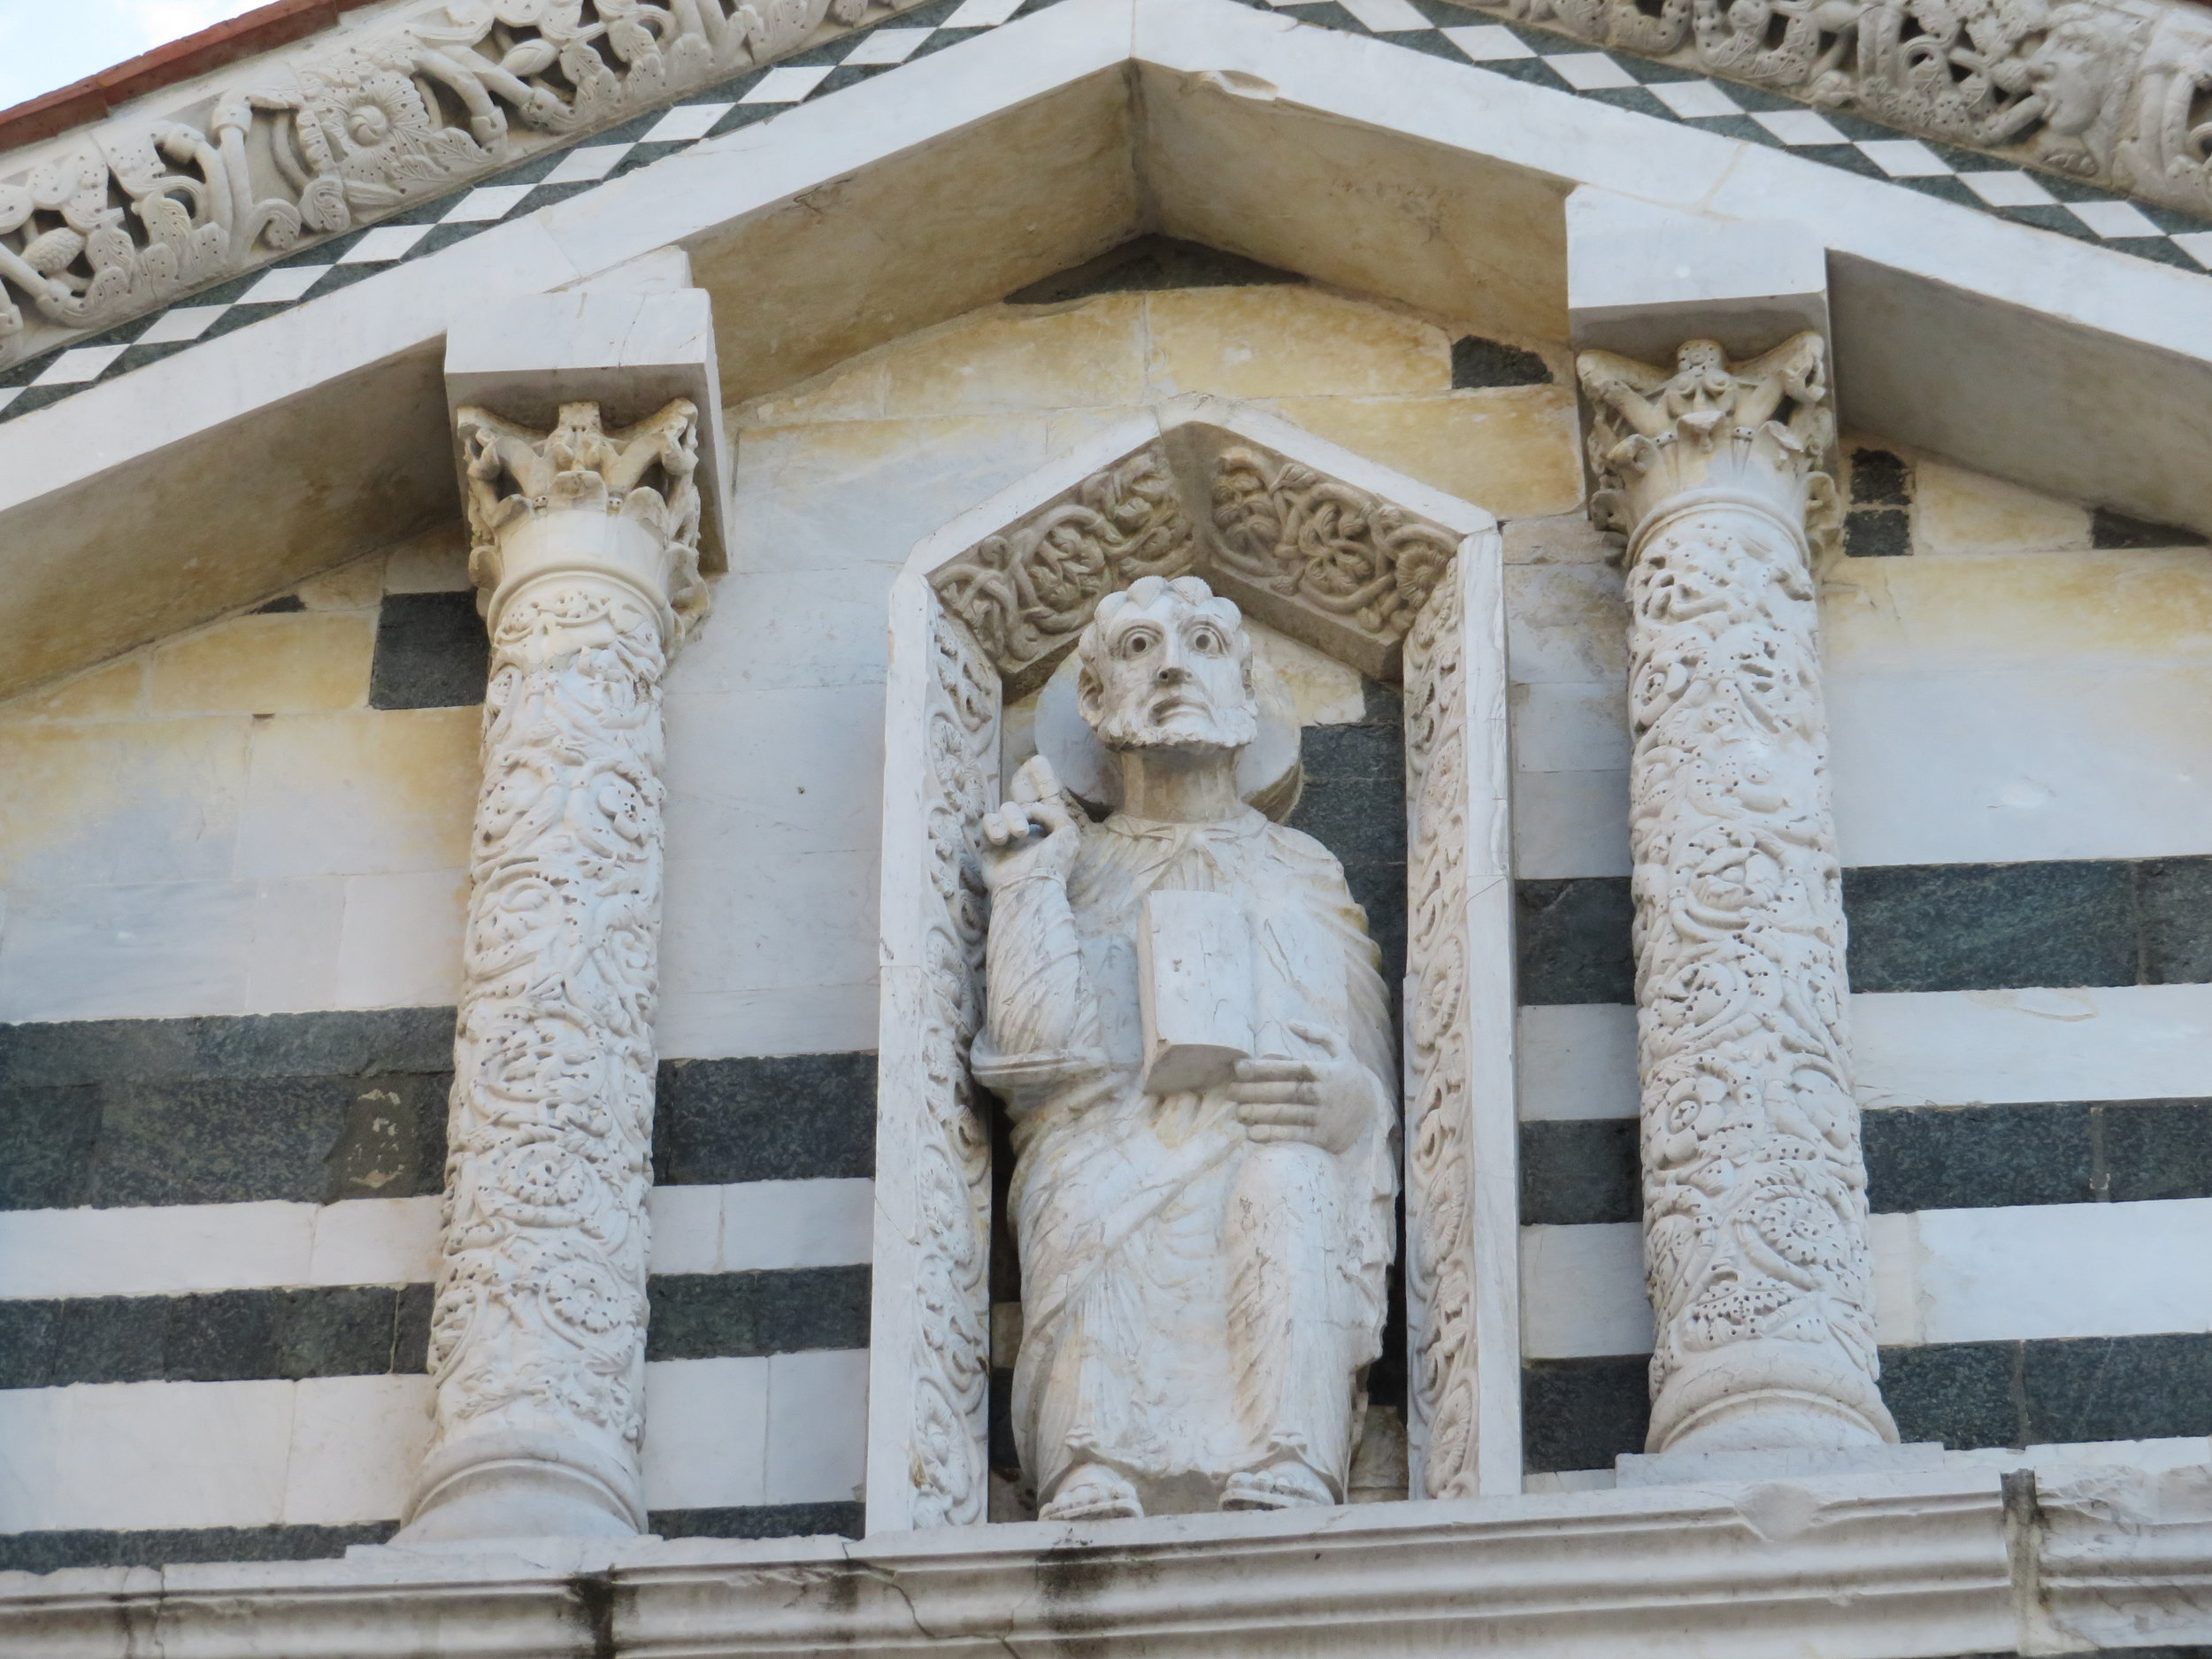 San Jacopo, I presume?